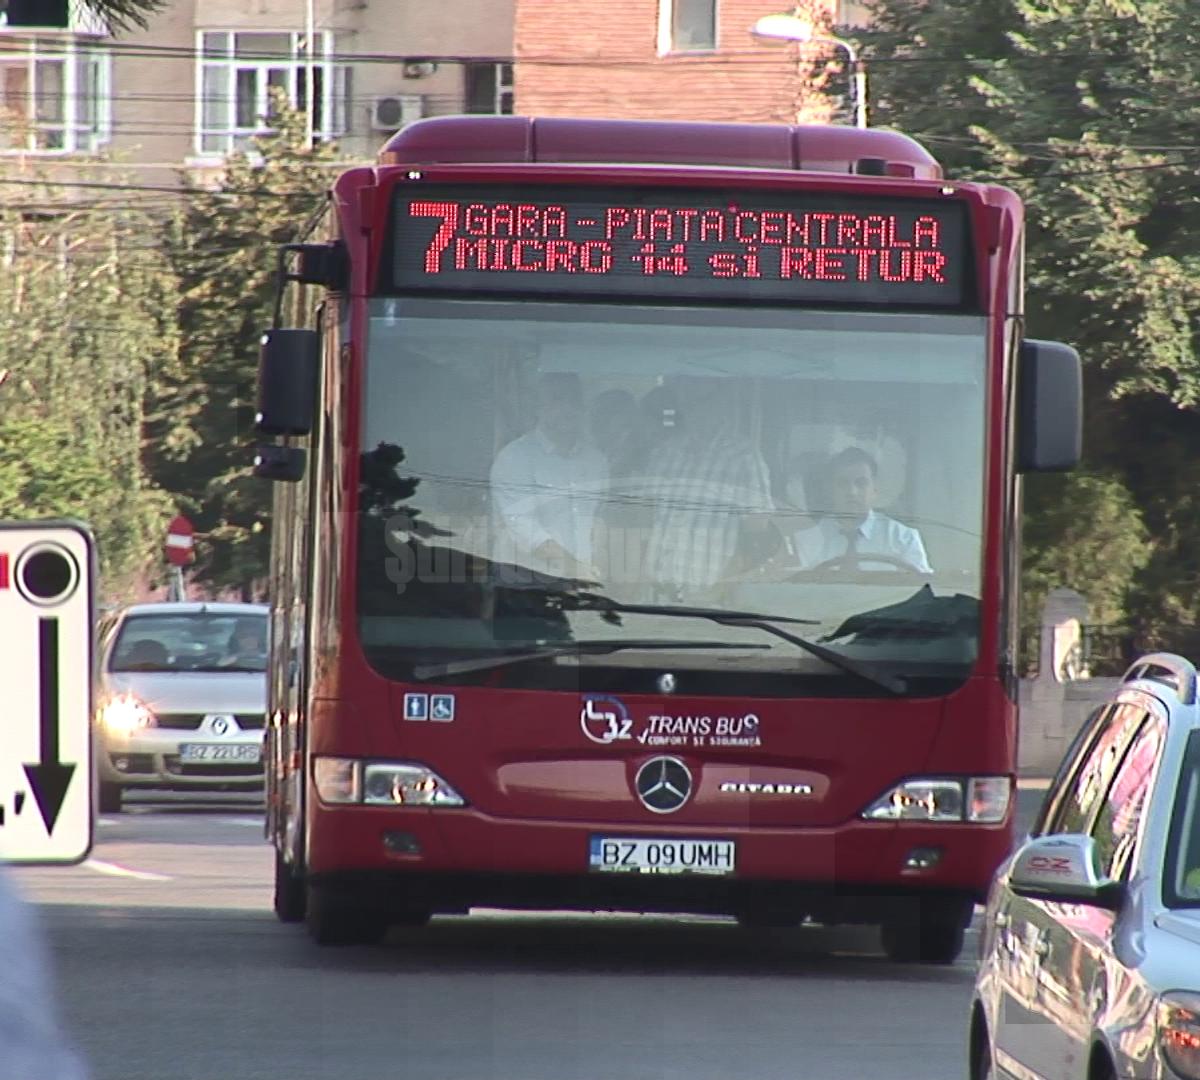 solutie-pentru-mentinerea-curselor-transbus-in-judet:-primarii-din-fiecare-comuna-sa-plateasca-subventia-pentru-transport